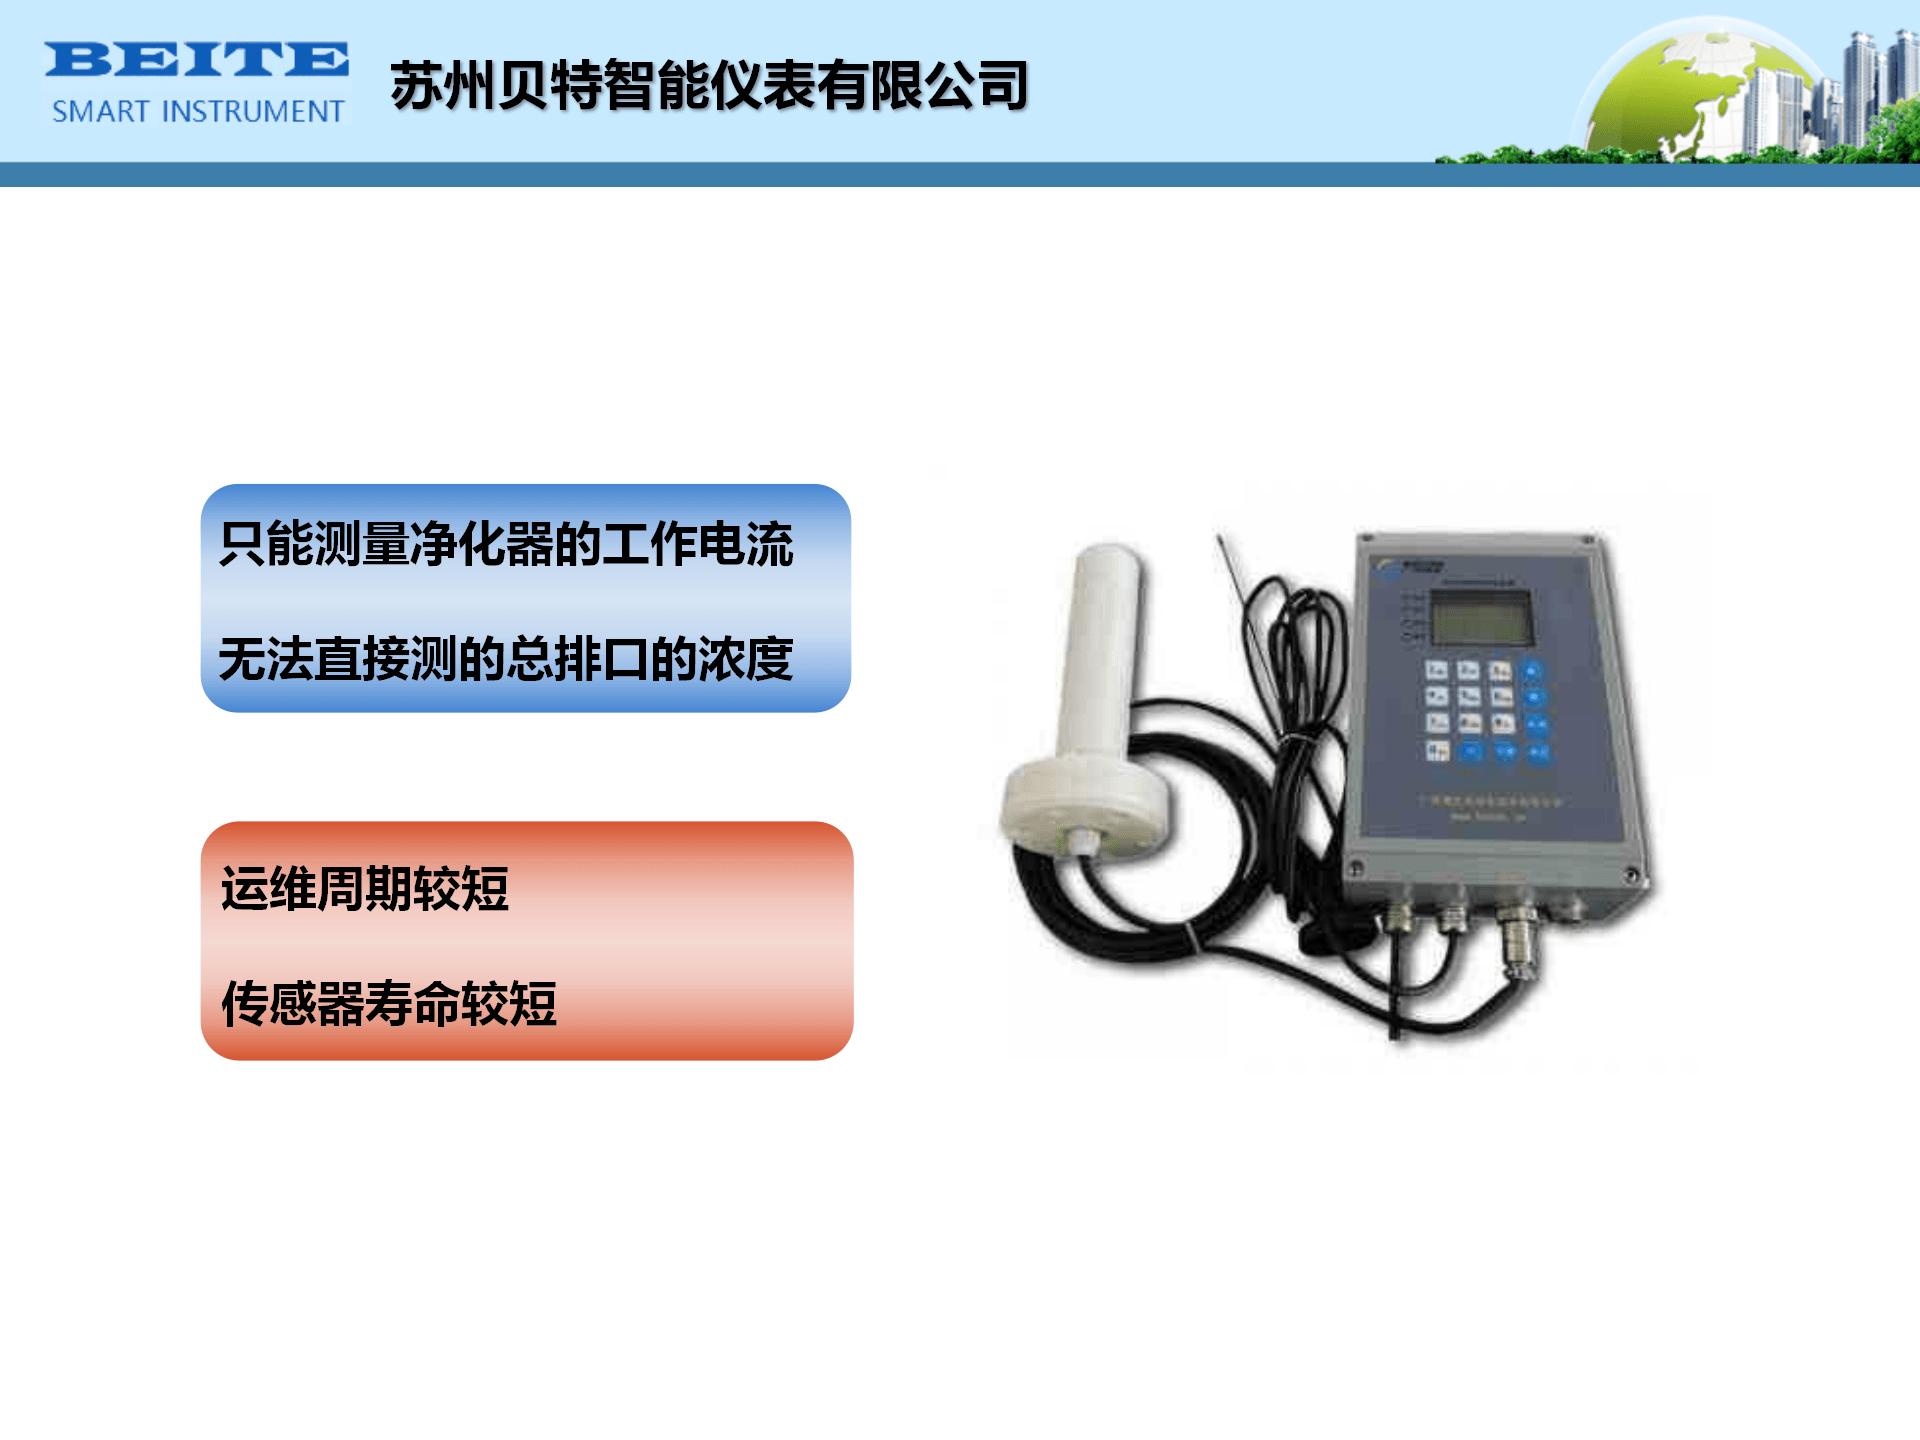 油烟监测系统-名称需要改成苏州贝特智能仪表有限公司_06